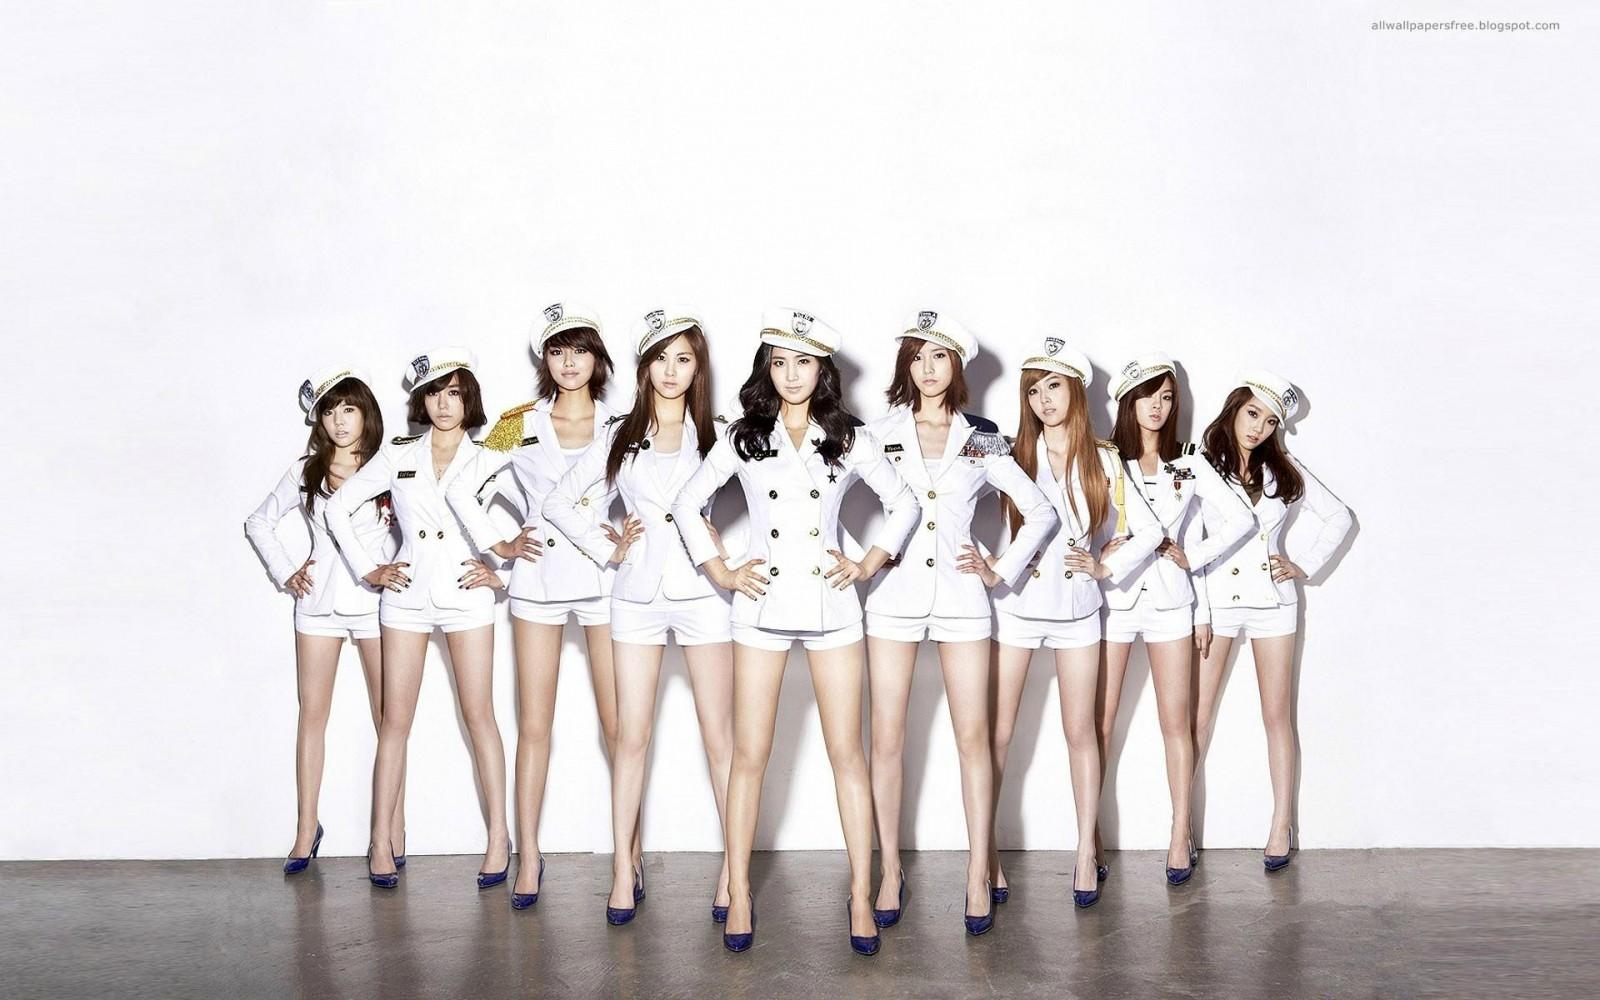 少女时代Girls' Generation蓝光超清MV合集 福利吧 第2张